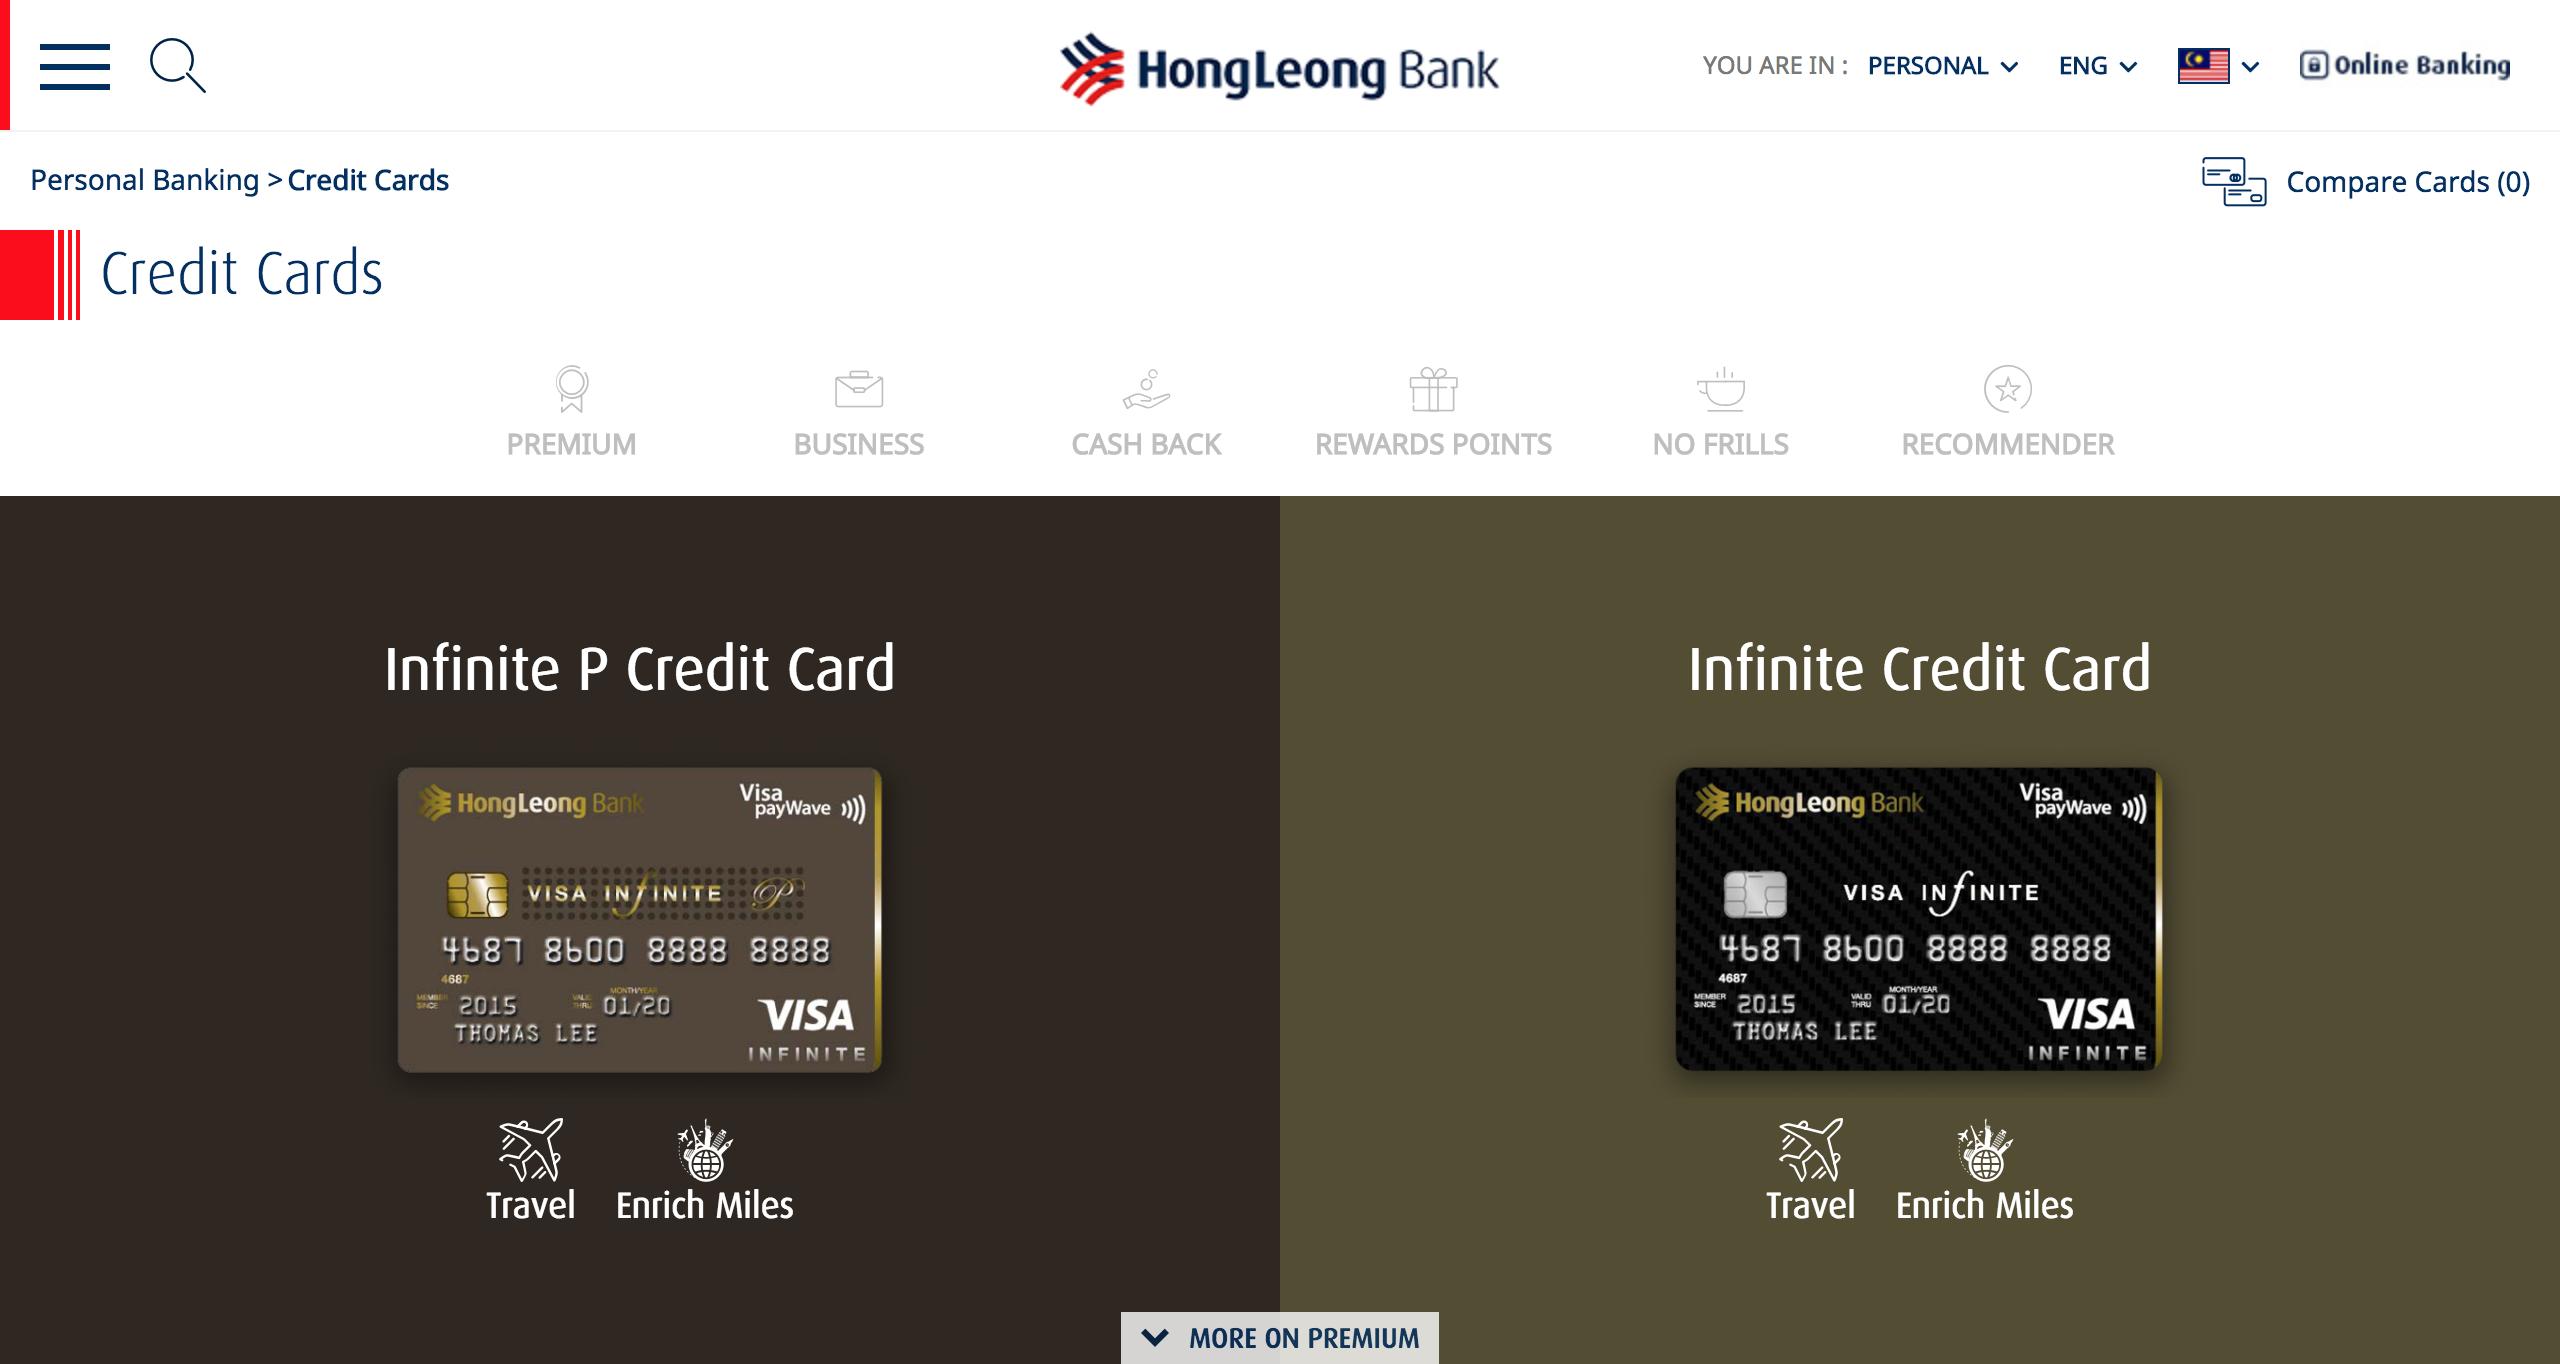 Hong Leong Bank Malaysia   Credit Cards List (1)